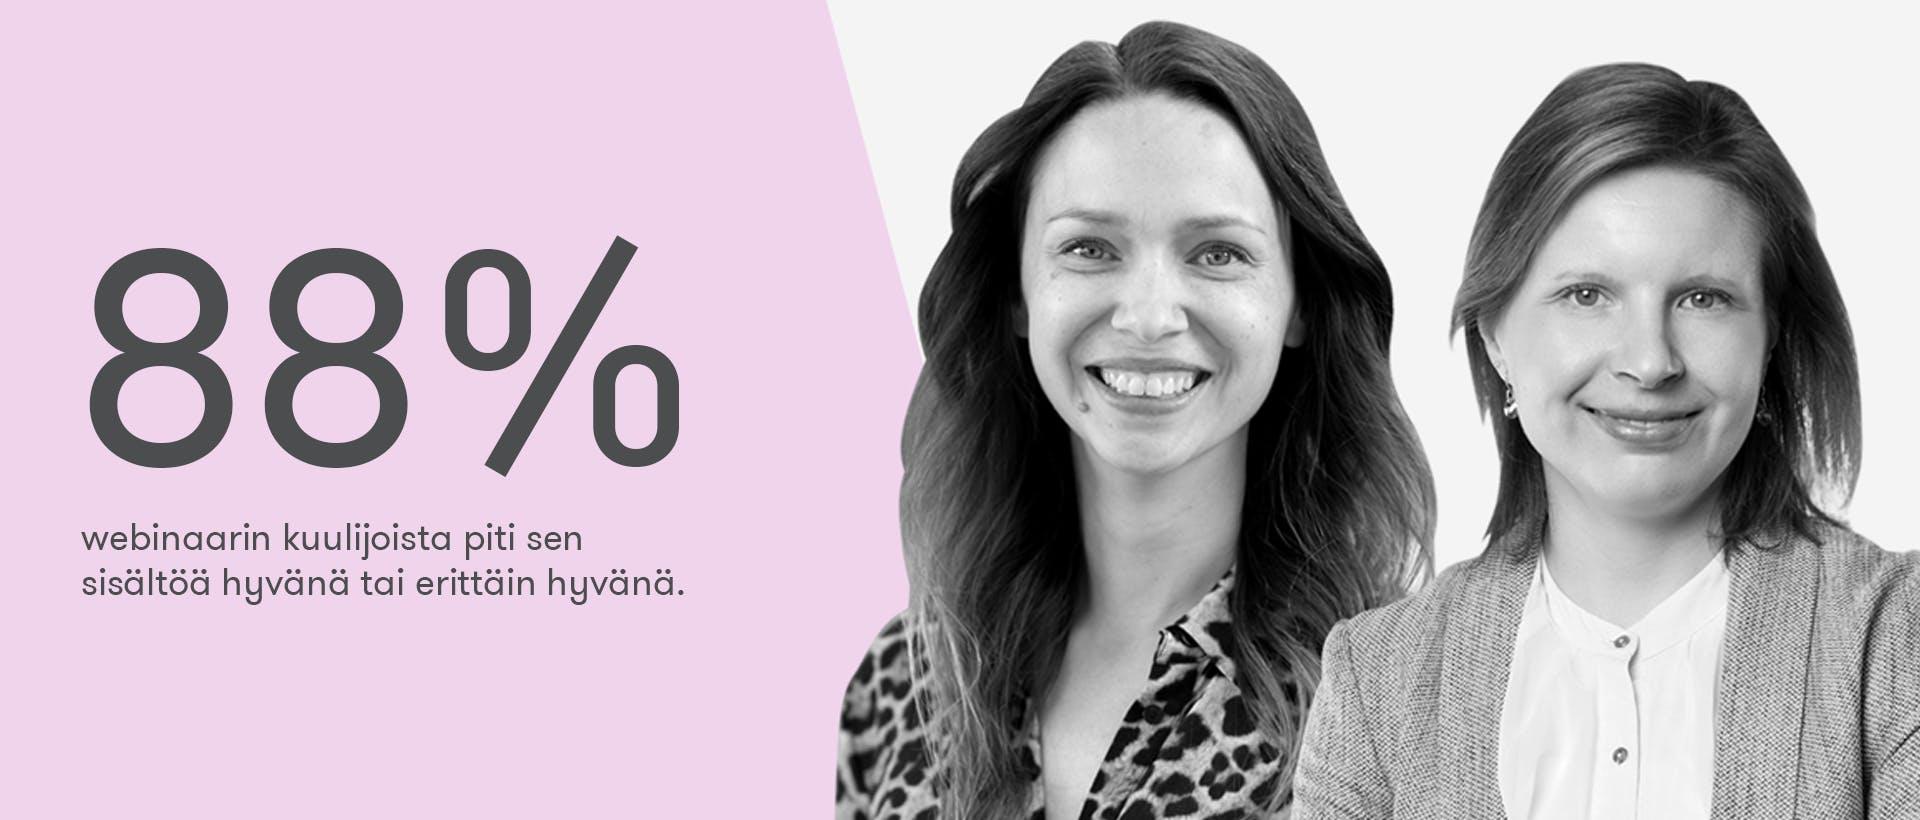 Oman alan ajatusjohtajaksi -webinaarin kuulijoista 88% piti sen sisältöä hyvänä tai erittäin hyvänä.